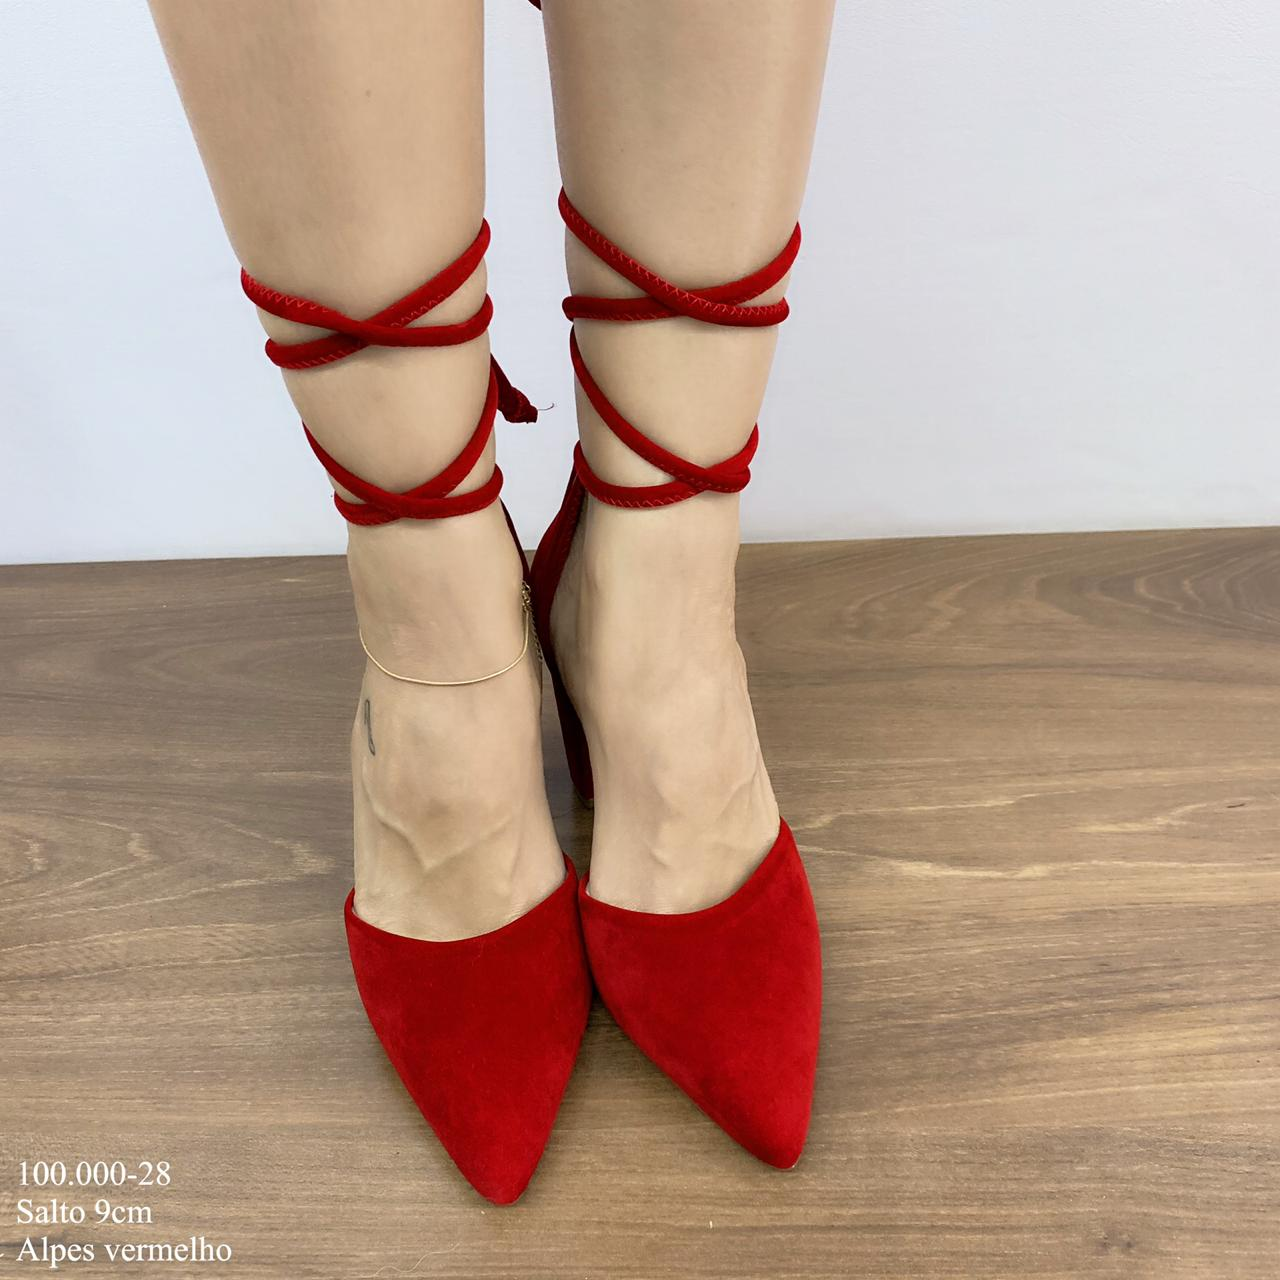 Scarpin Vermelho Alpes com amarração   D-100.000-28